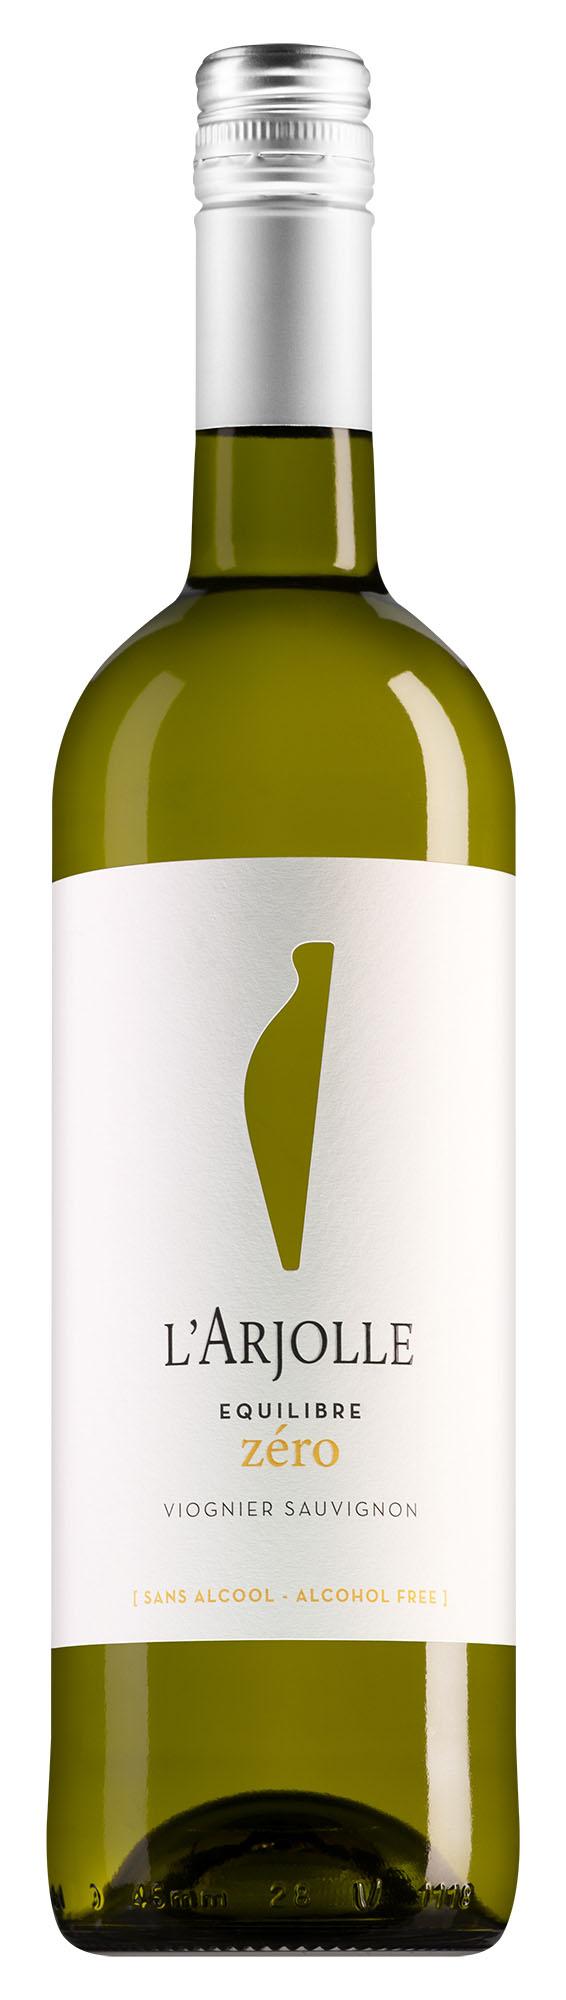 L'Arjolle Côtes de Thongue Equilibre Zéro Viognier-Sauvignon Blanc alcoholvrij